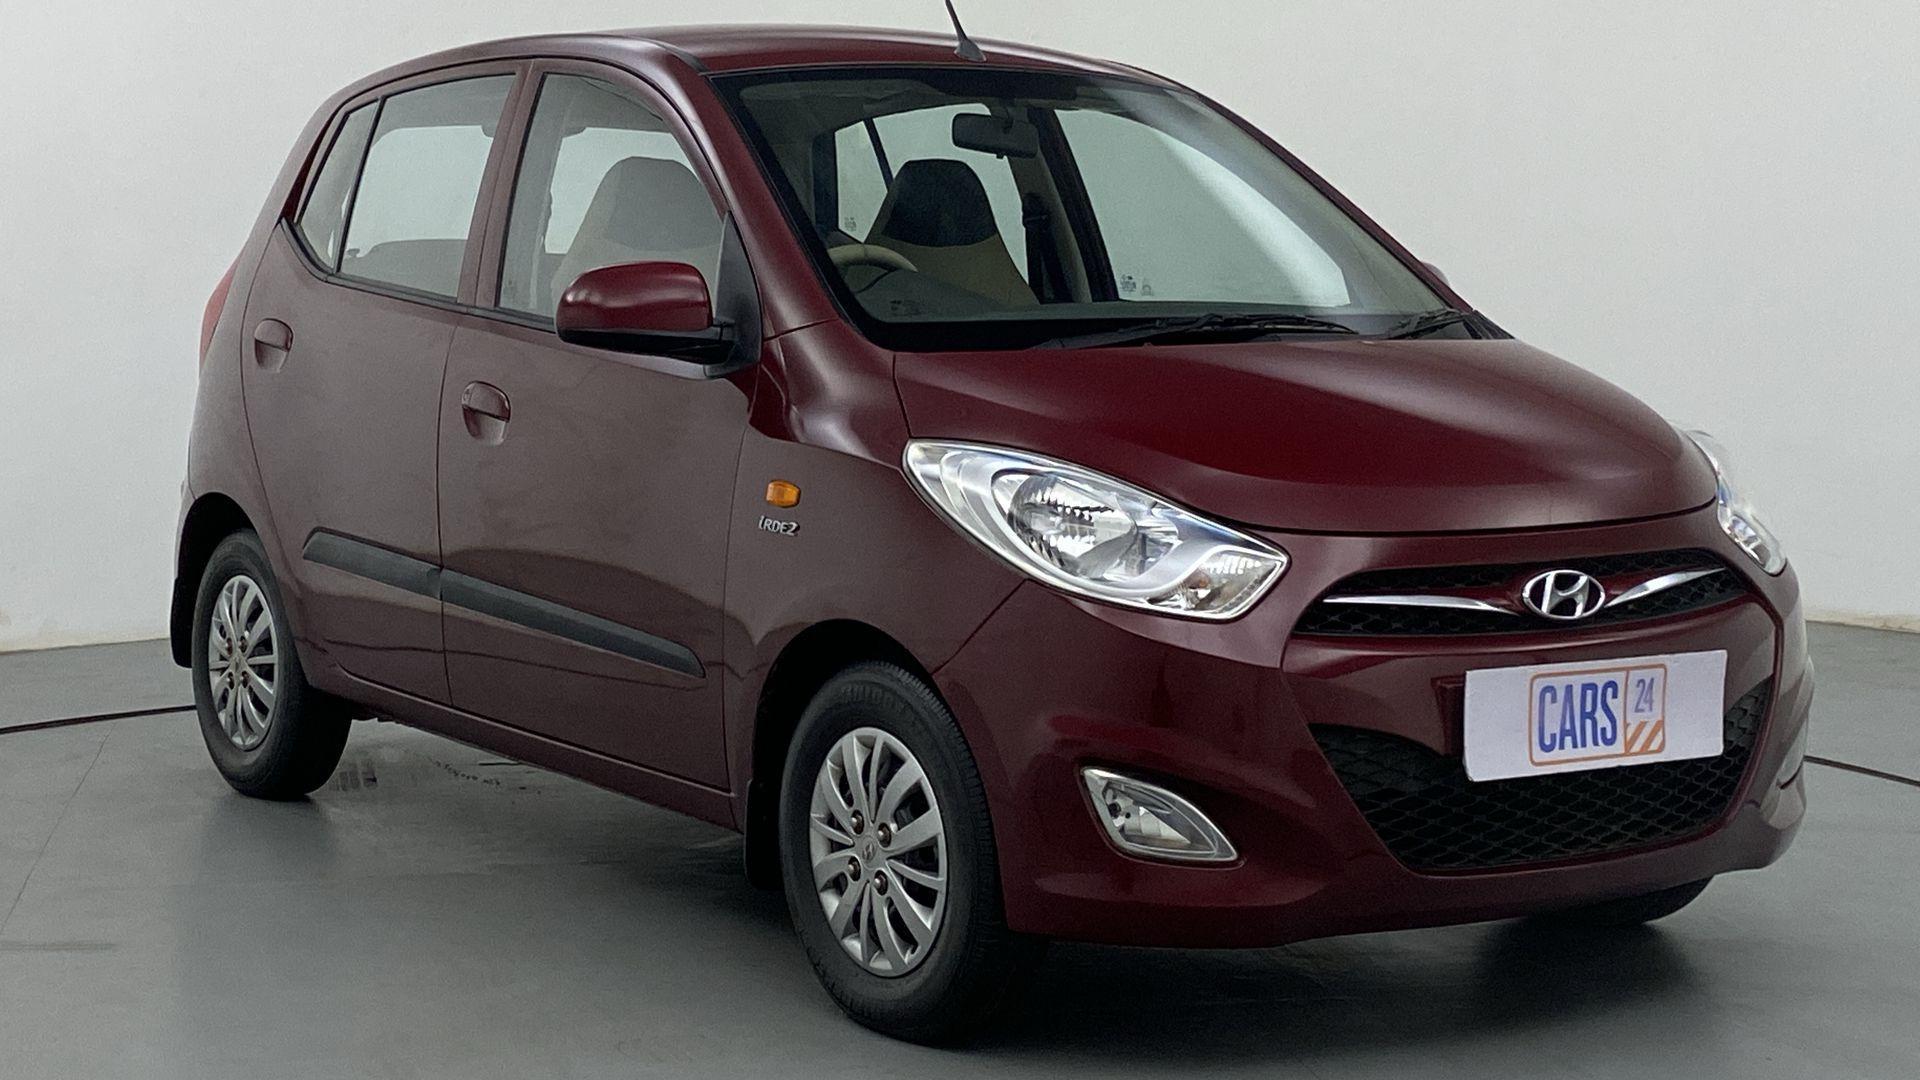 2015 Hyundai i10 SPORTZ 1.1 IRDE2